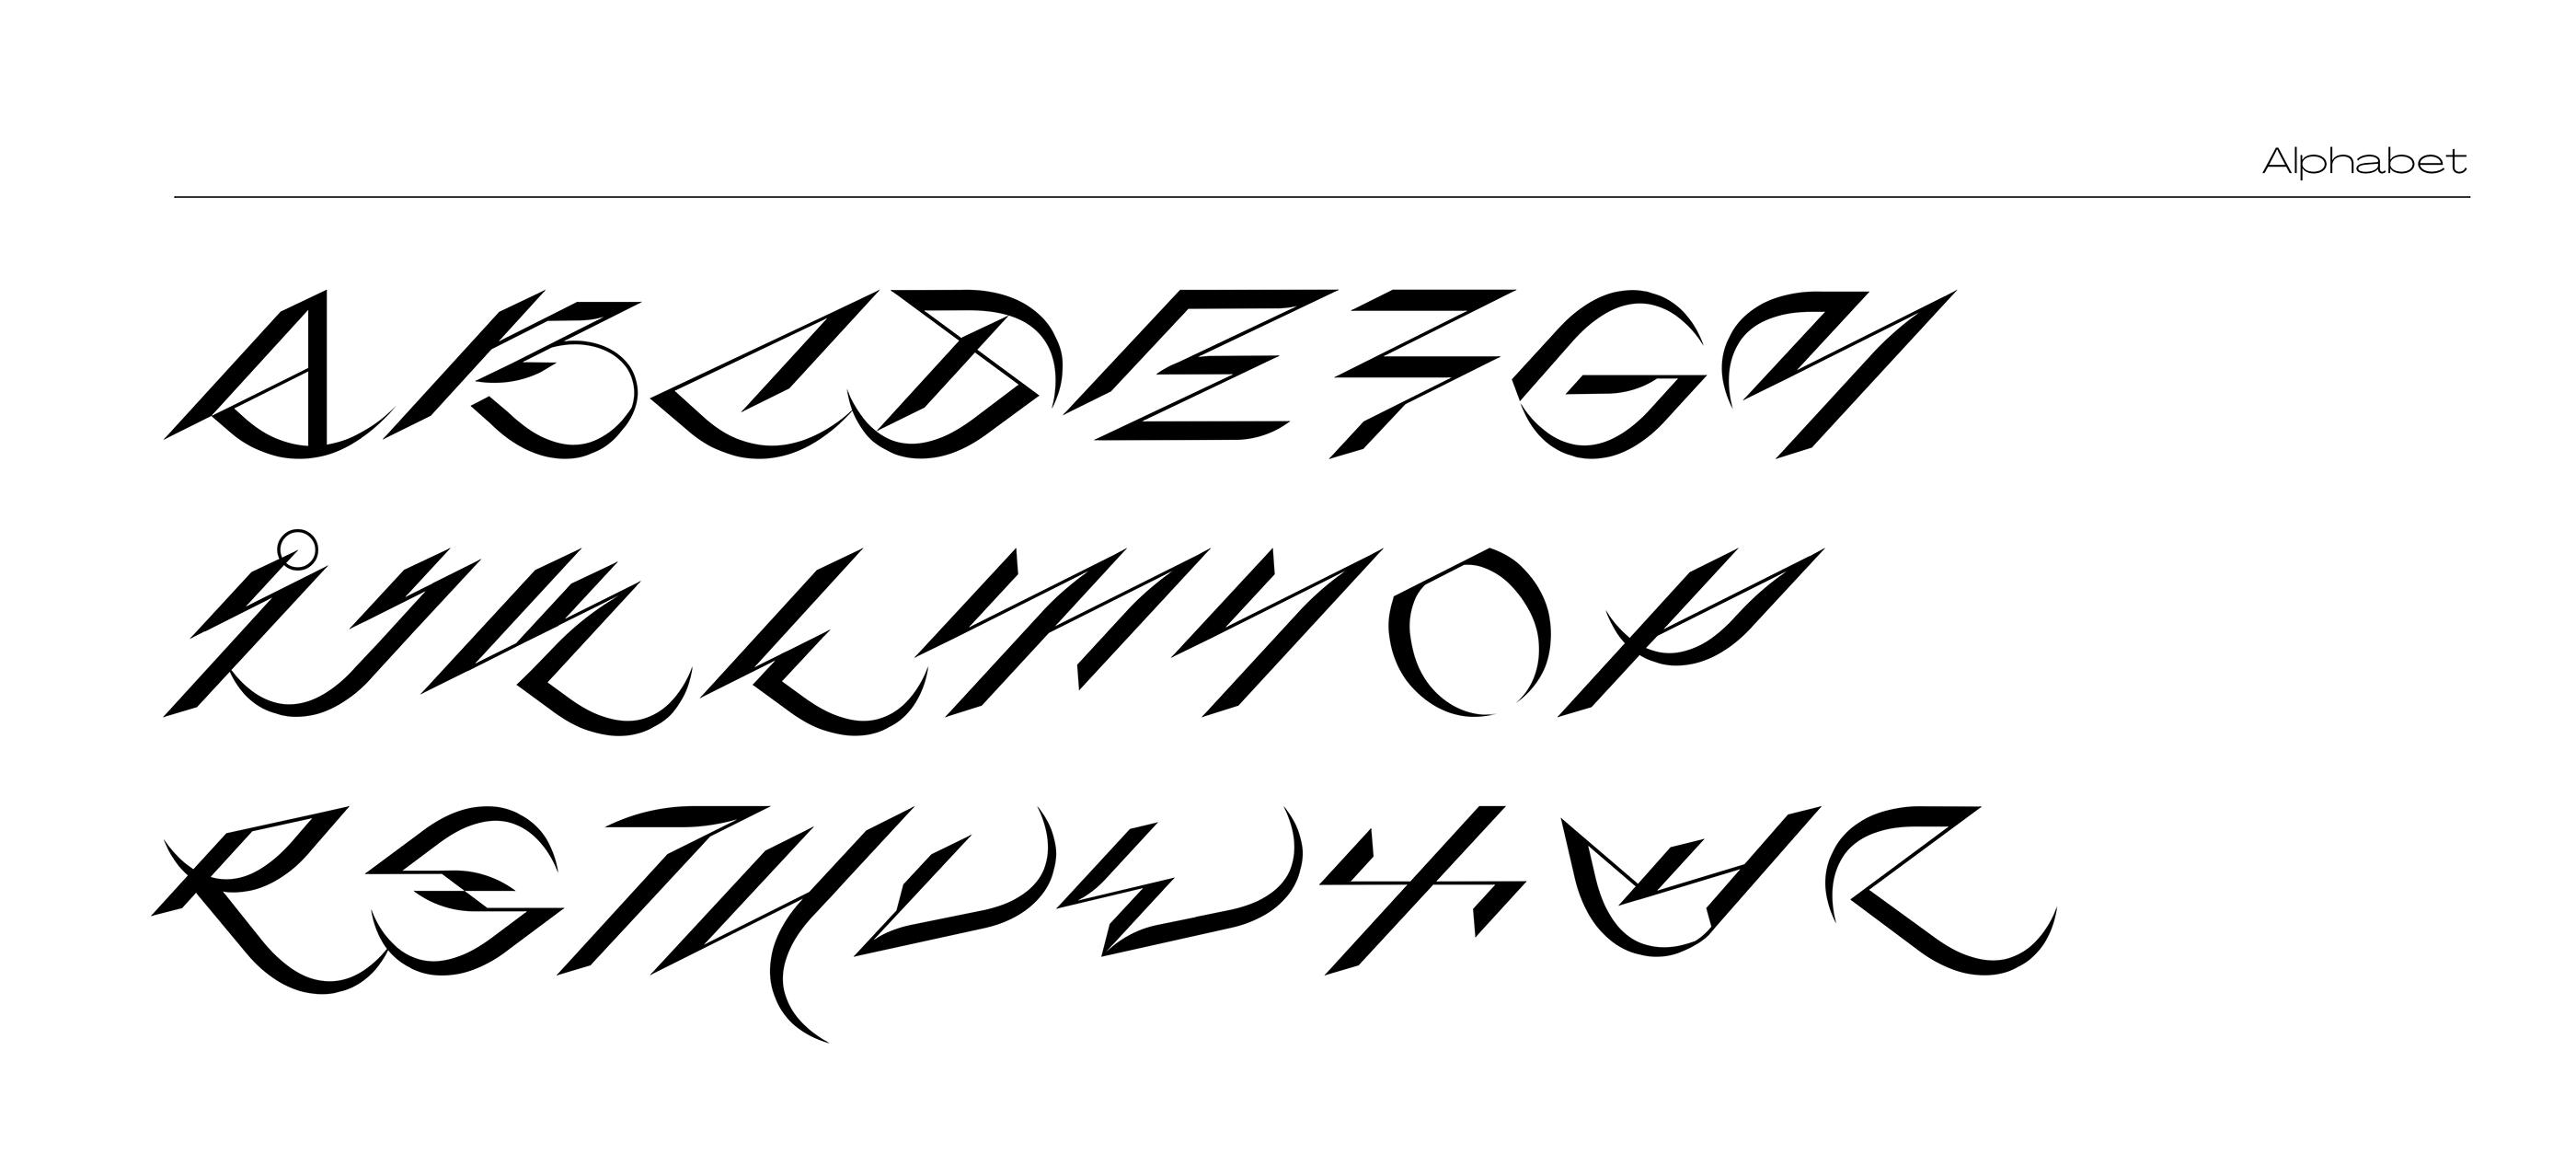 [单独购买] 潮流酸性杂志标题徽标Logo装饰英文字体设计素材 Scythe Font插图8